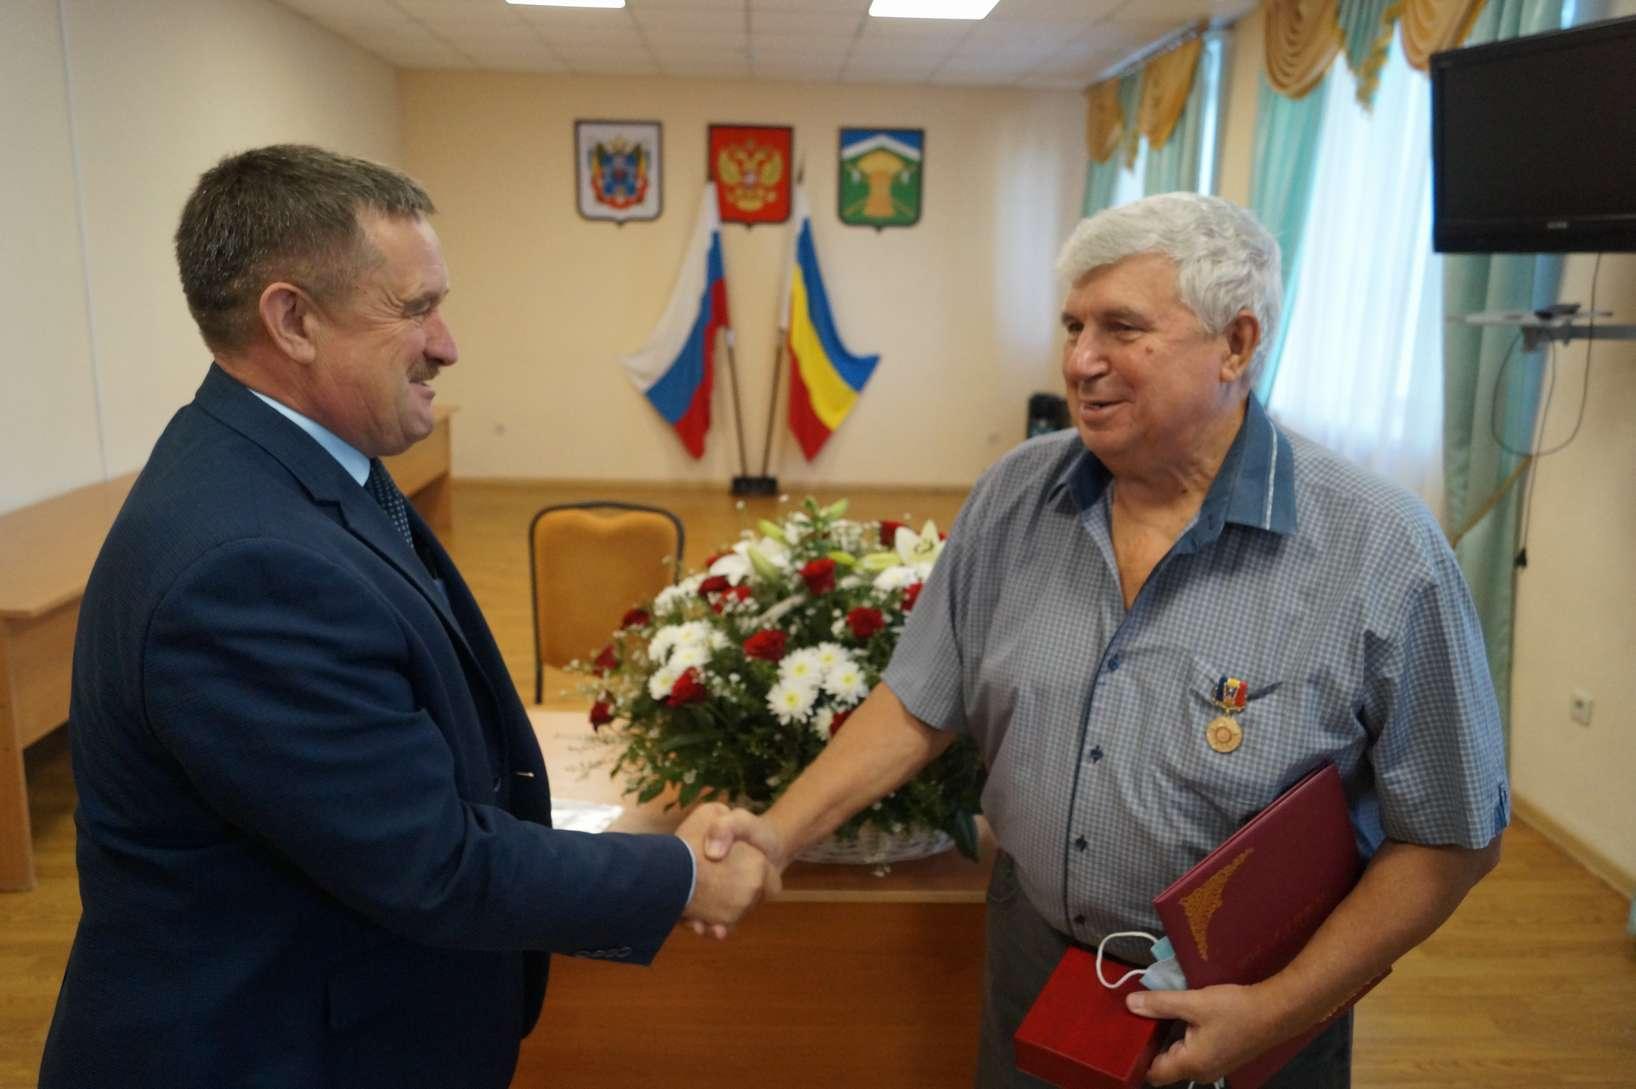 Алексей Андреевич Говорущенко награжден медалью «За доблестный труд на благо Донского края»